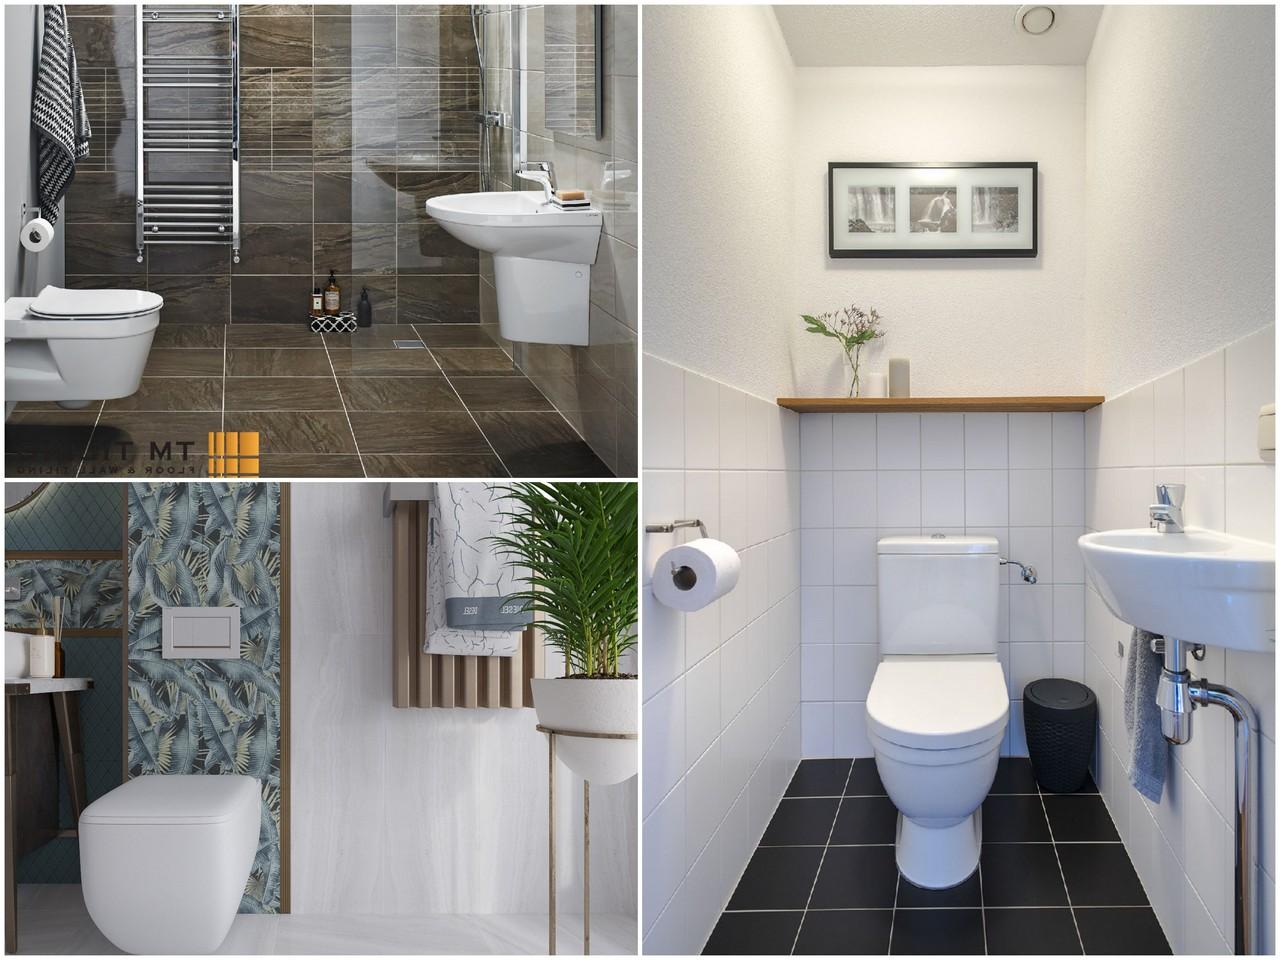 Какие свойства отличают хорошую плитку для туалета